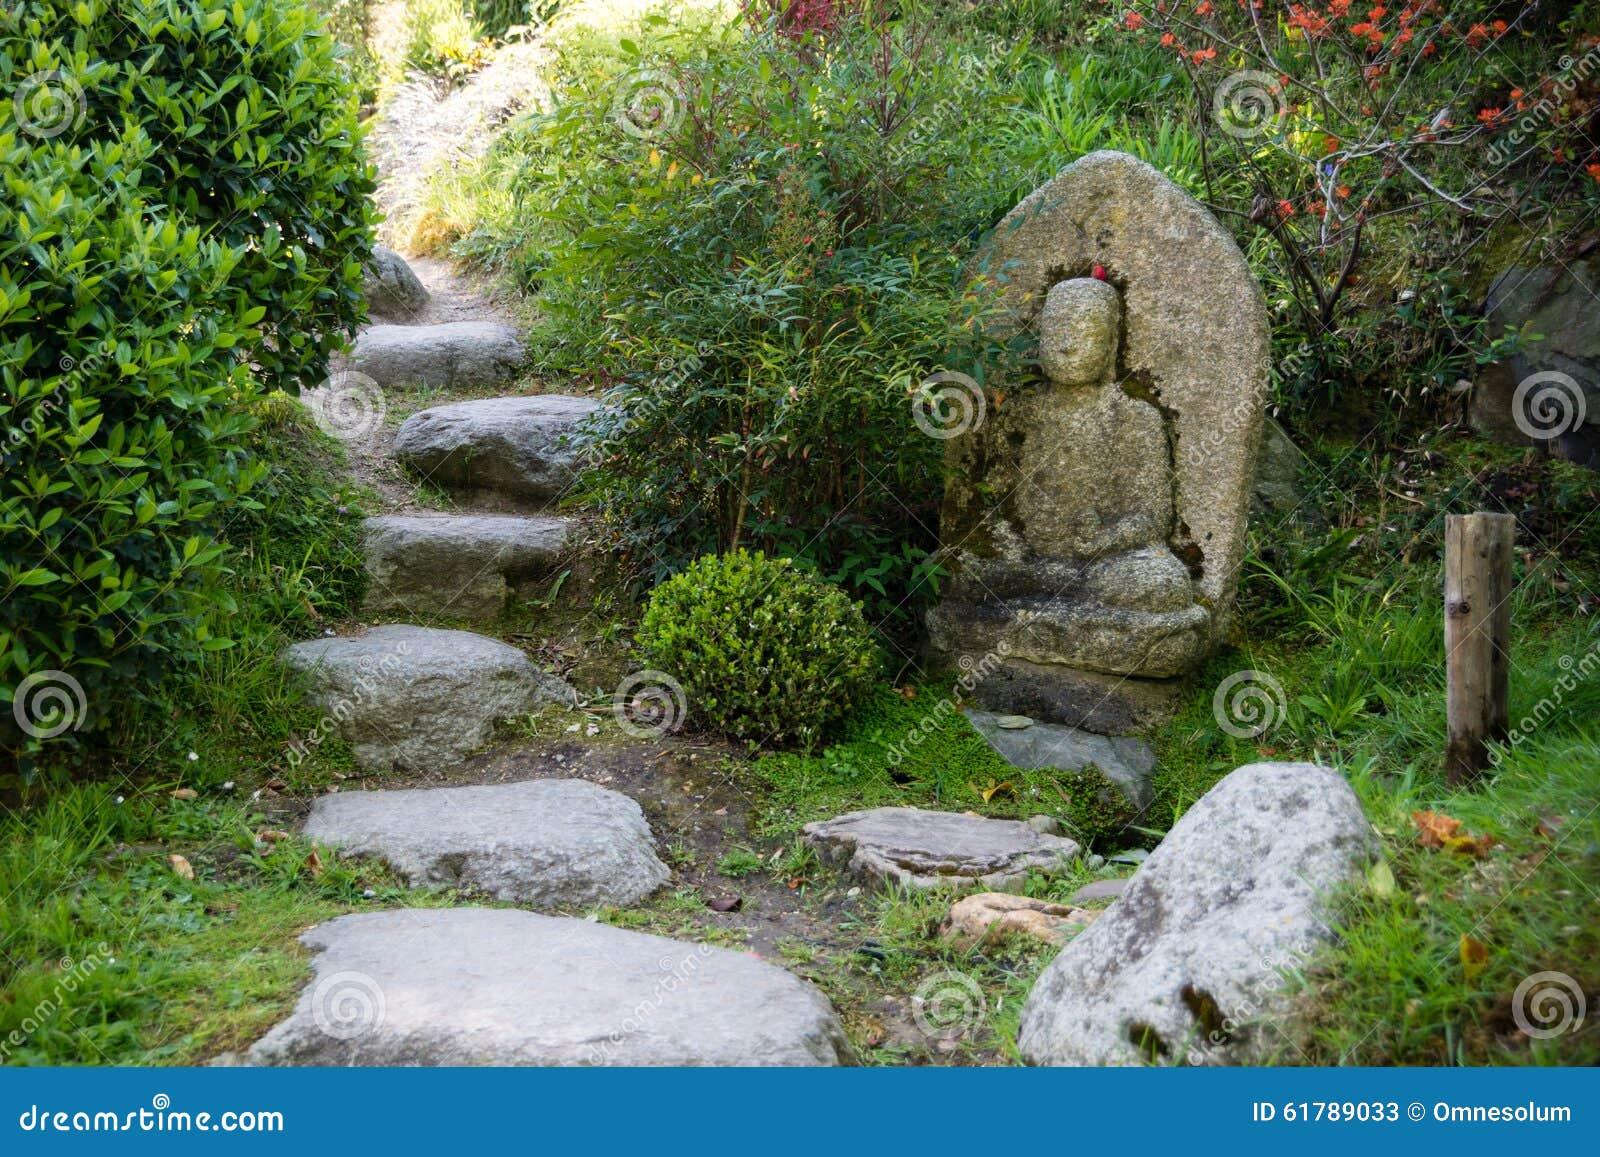 61789033 - Estatuas de jardin ...